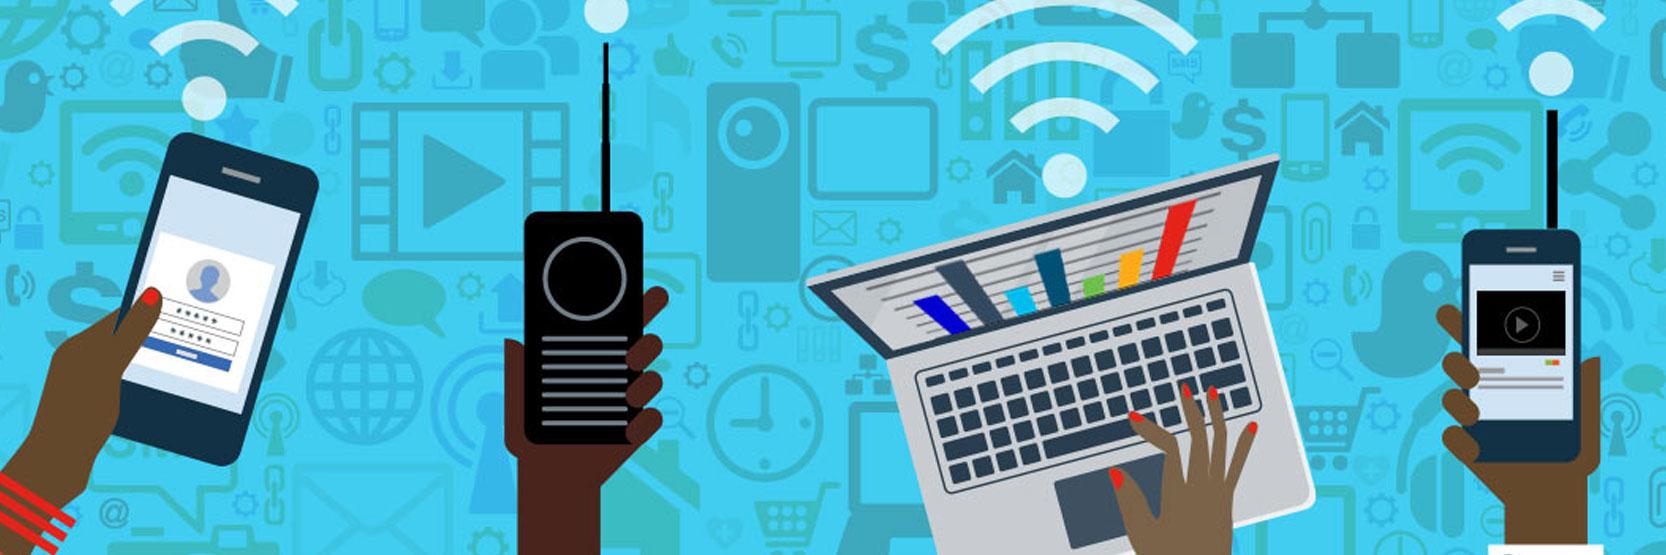 العالم بدون إنترنت اليوم.. انقطاع الشبكة العنكبوتية عن 36 مليون مستخدم